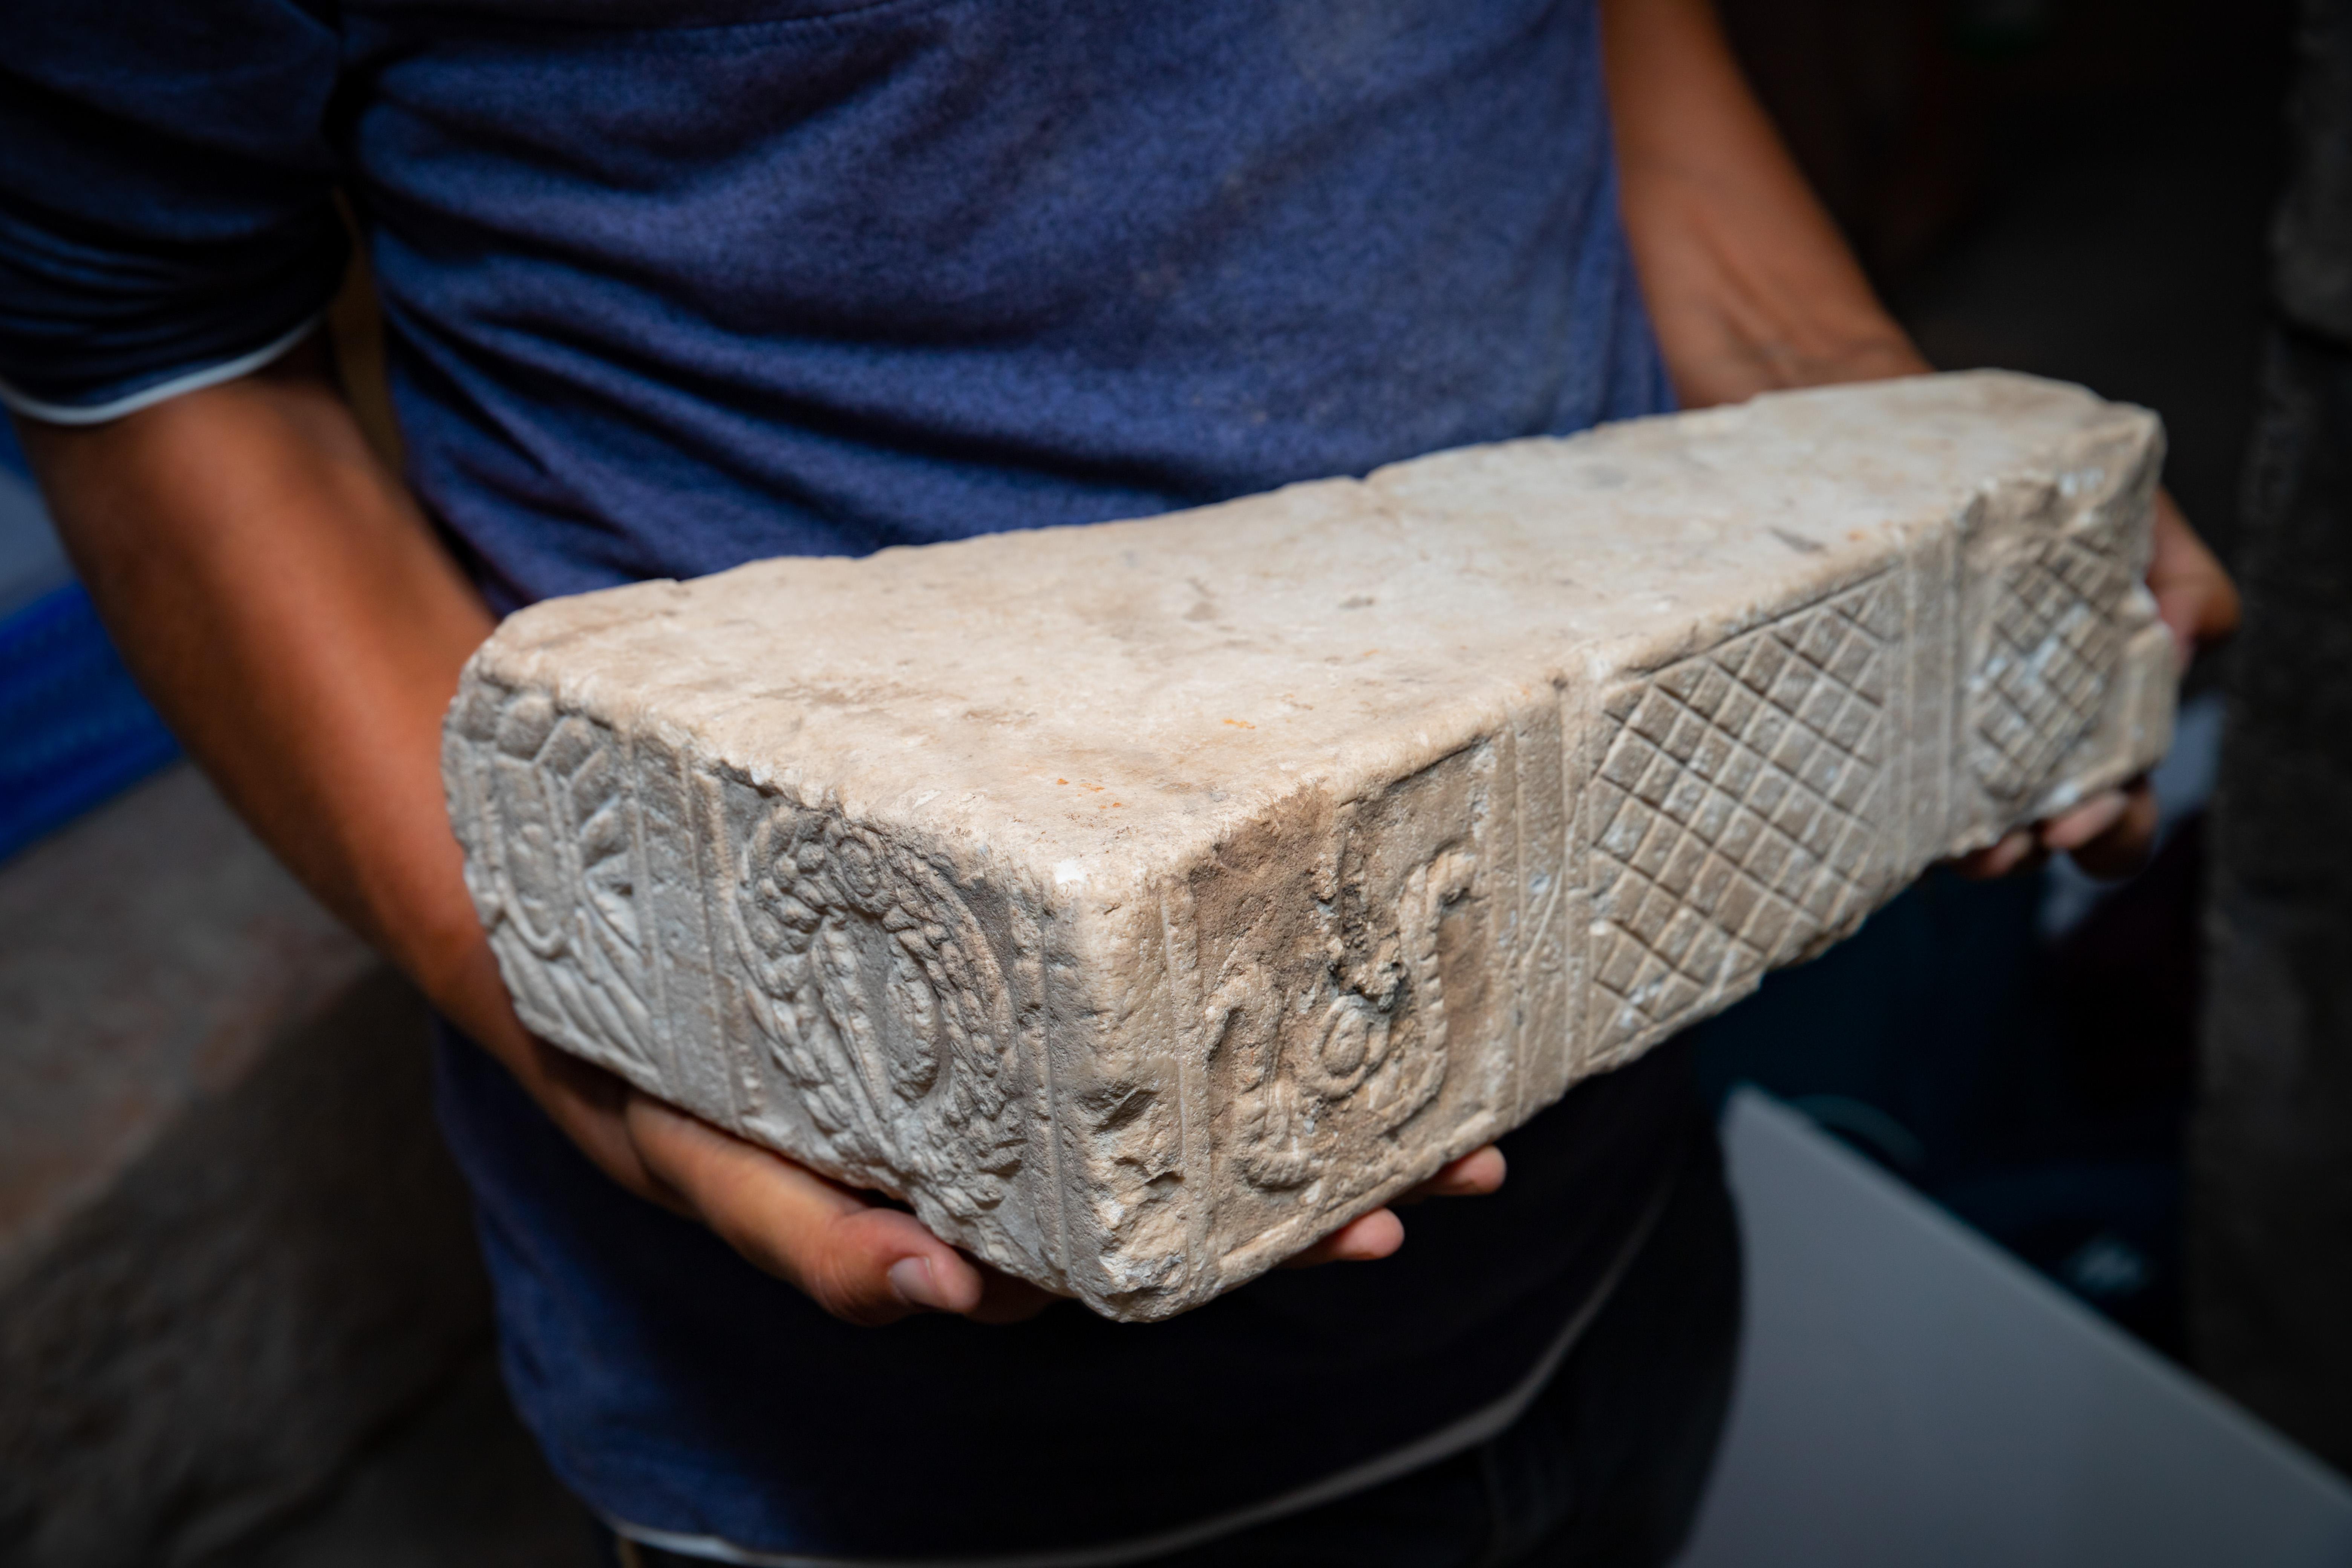 12.שבר שולחן מעוטר. צילום קובי הראתי עיר דוד